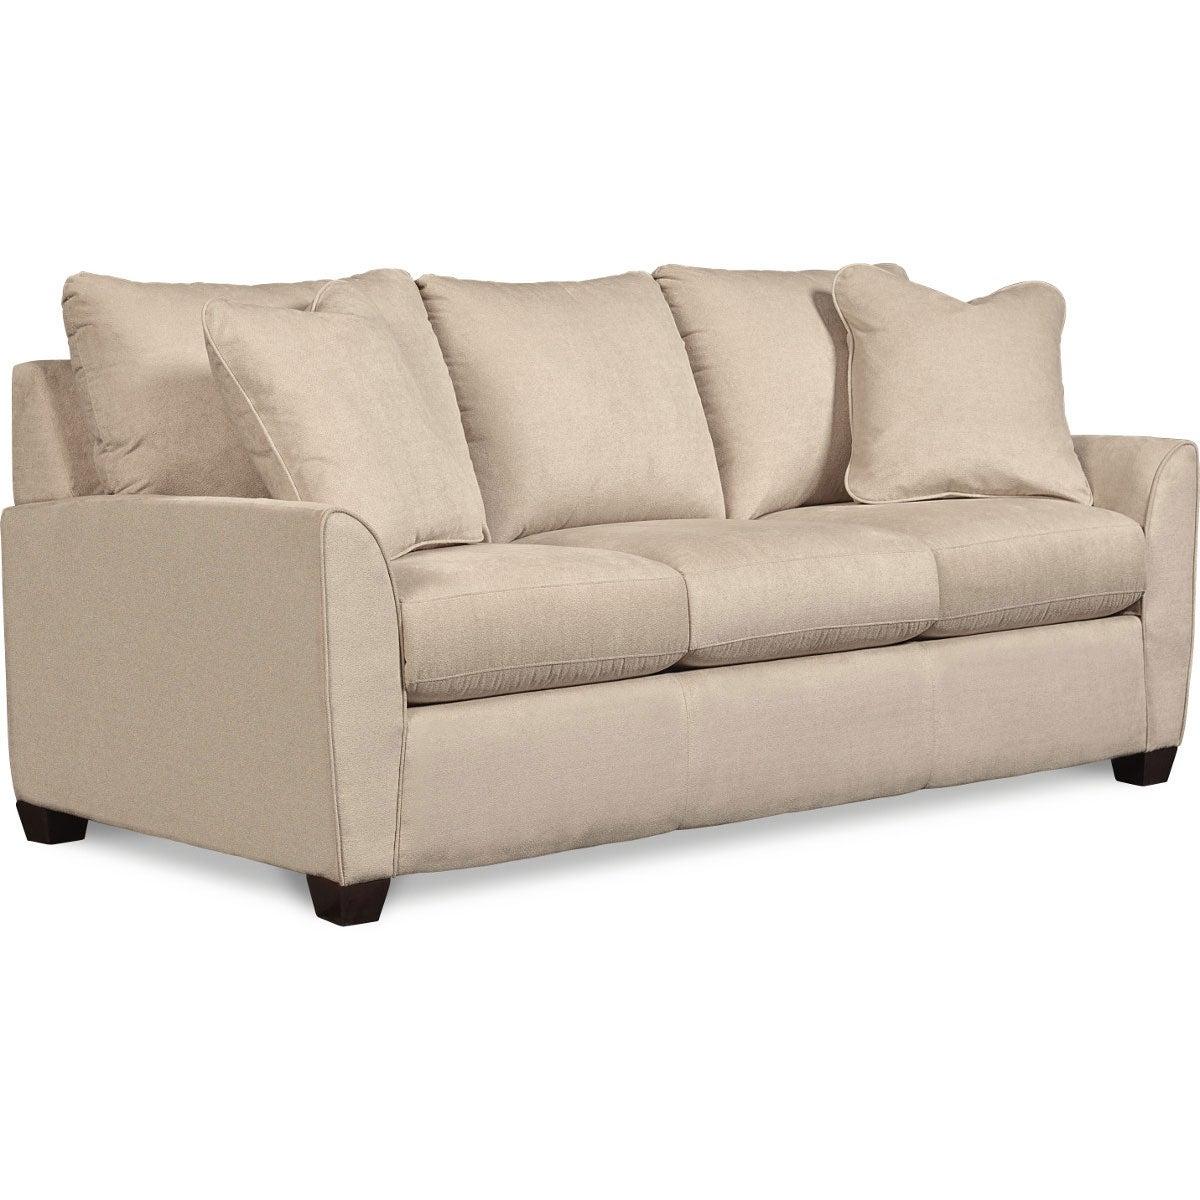 amy premier supreme comfort u2122 queen sleep sofa